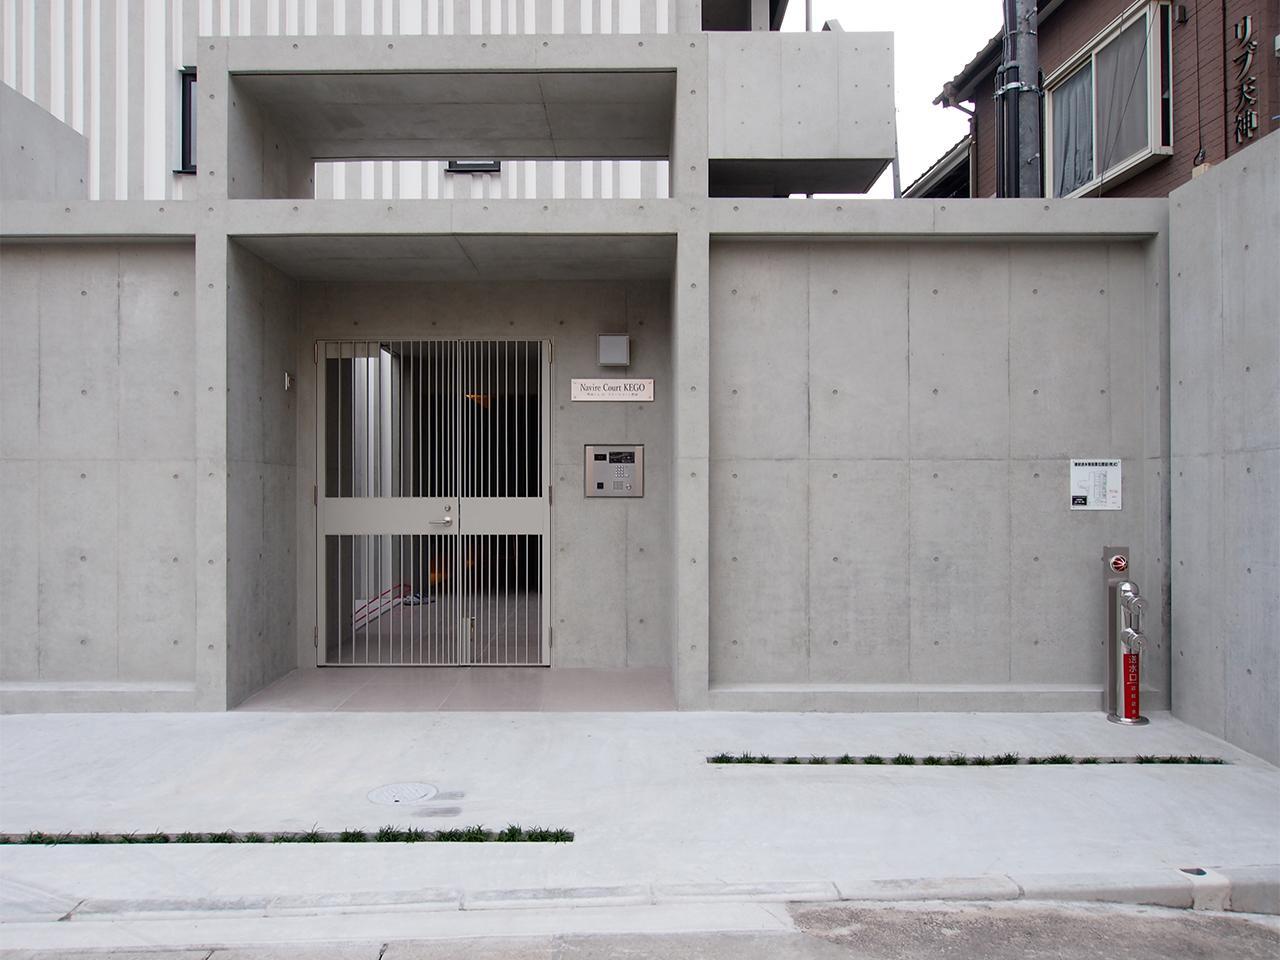 コンクリートの重厚なエントランス